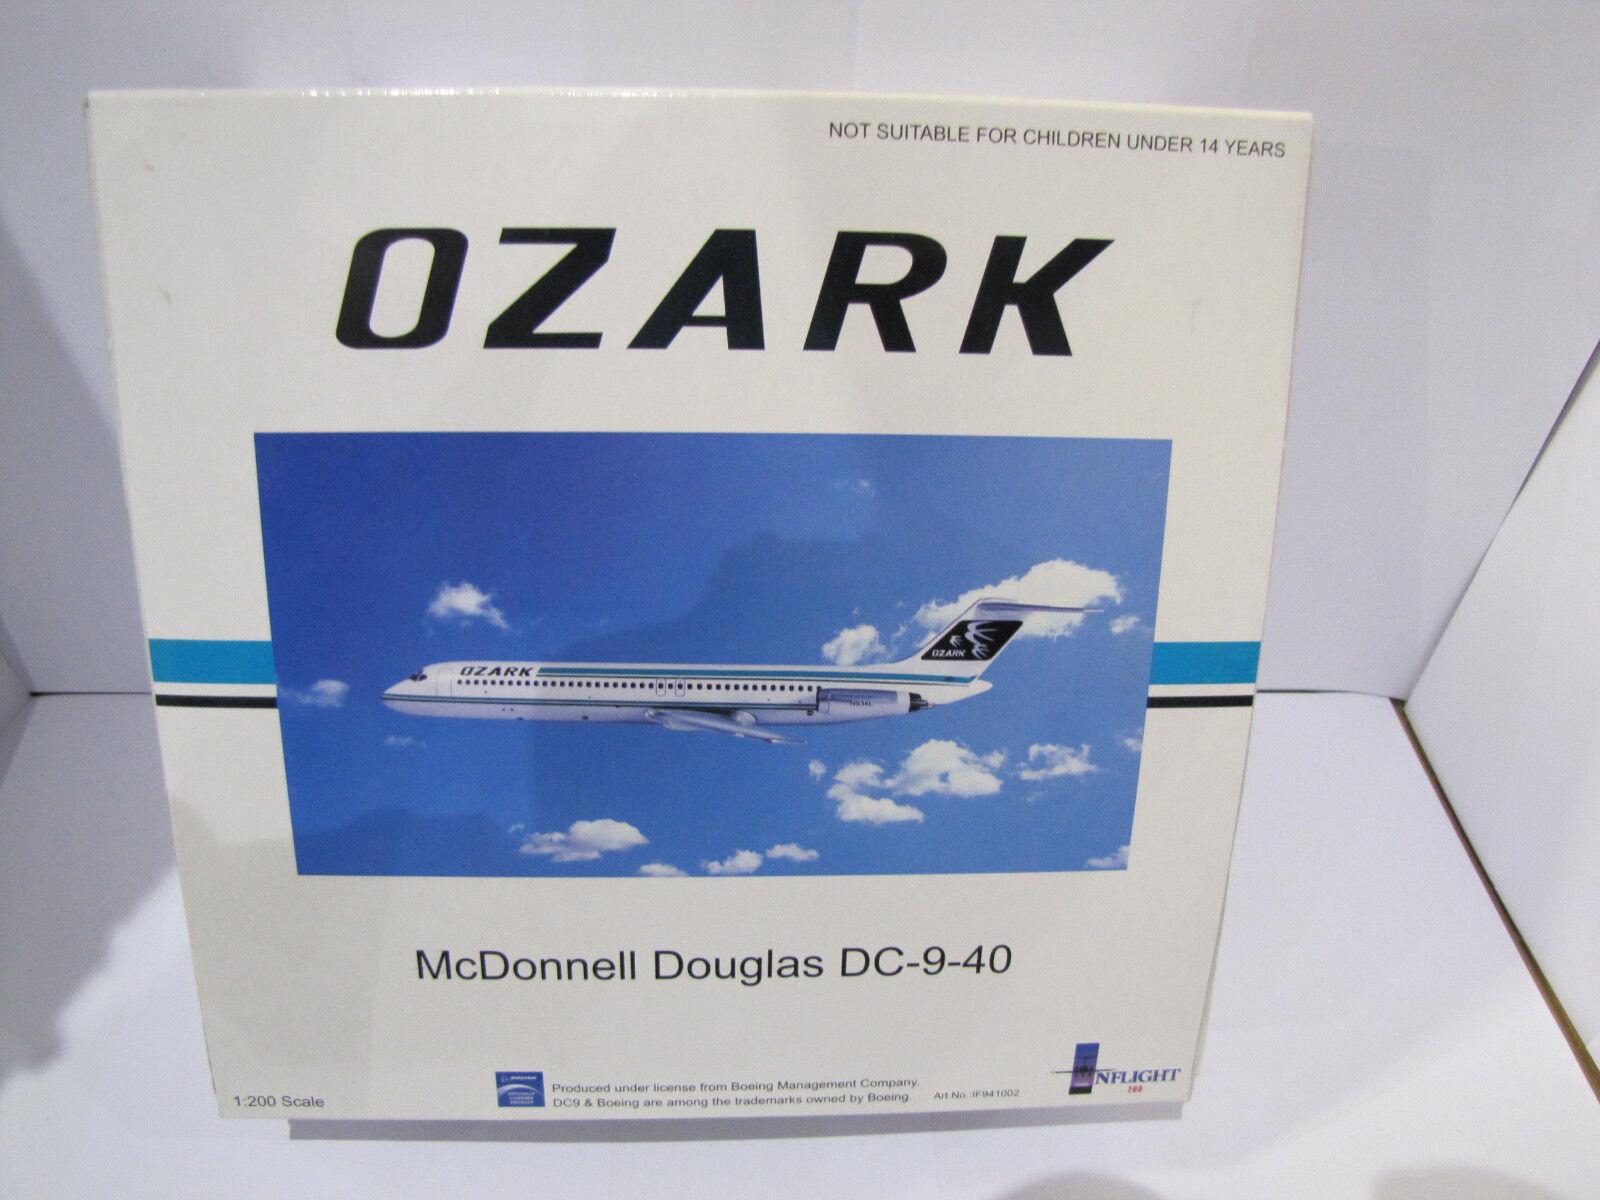 If941002 Chaînes McDonnell Douglas dc-9-40 - Ozark - 1 200